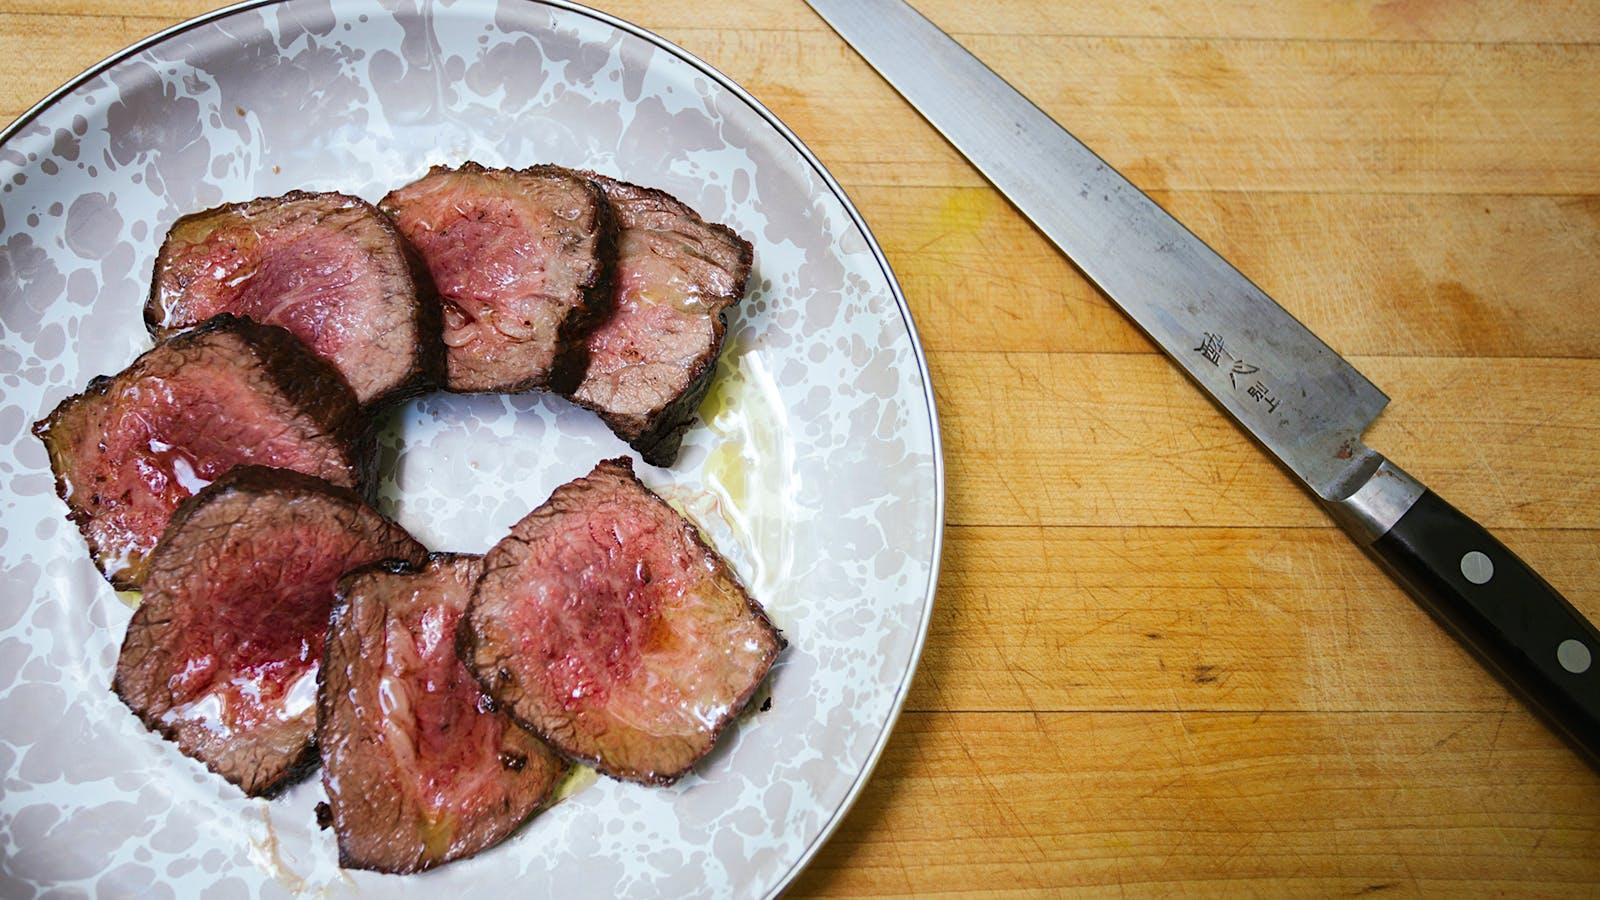 Chef Hugh Acheson's Grilled Tri-Tip Steak